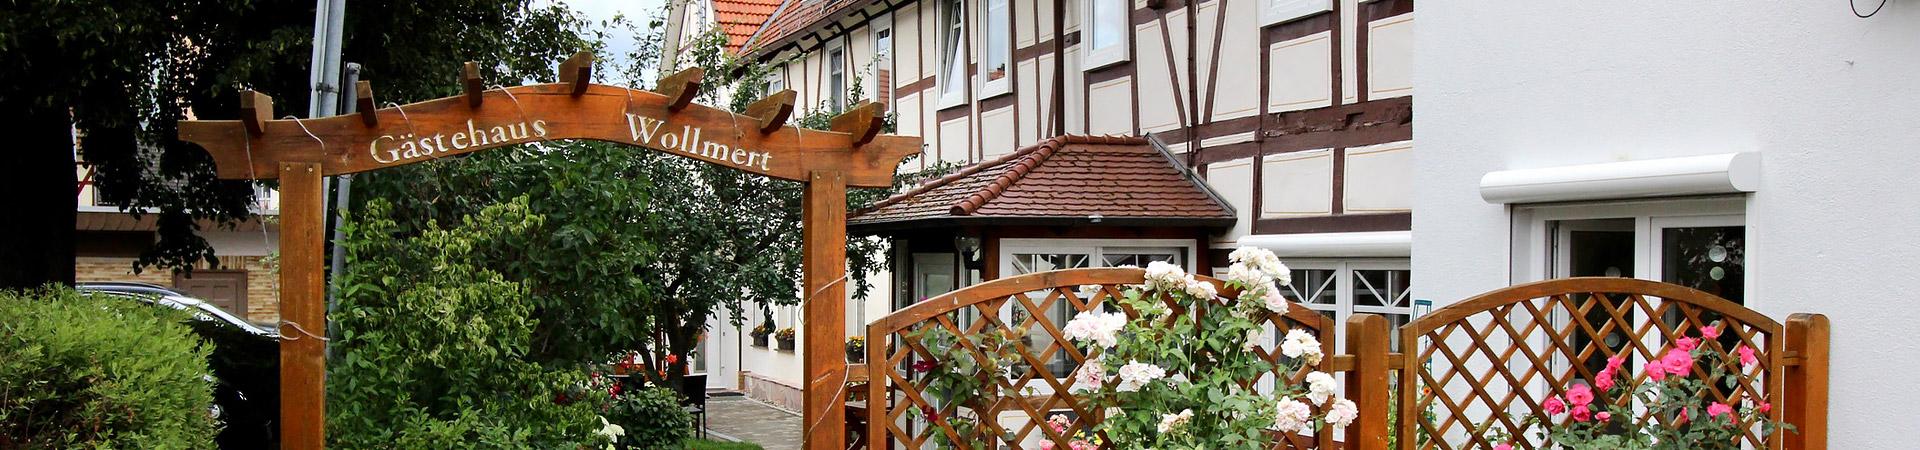 Gästehaus Wollmert Reinhardshausen